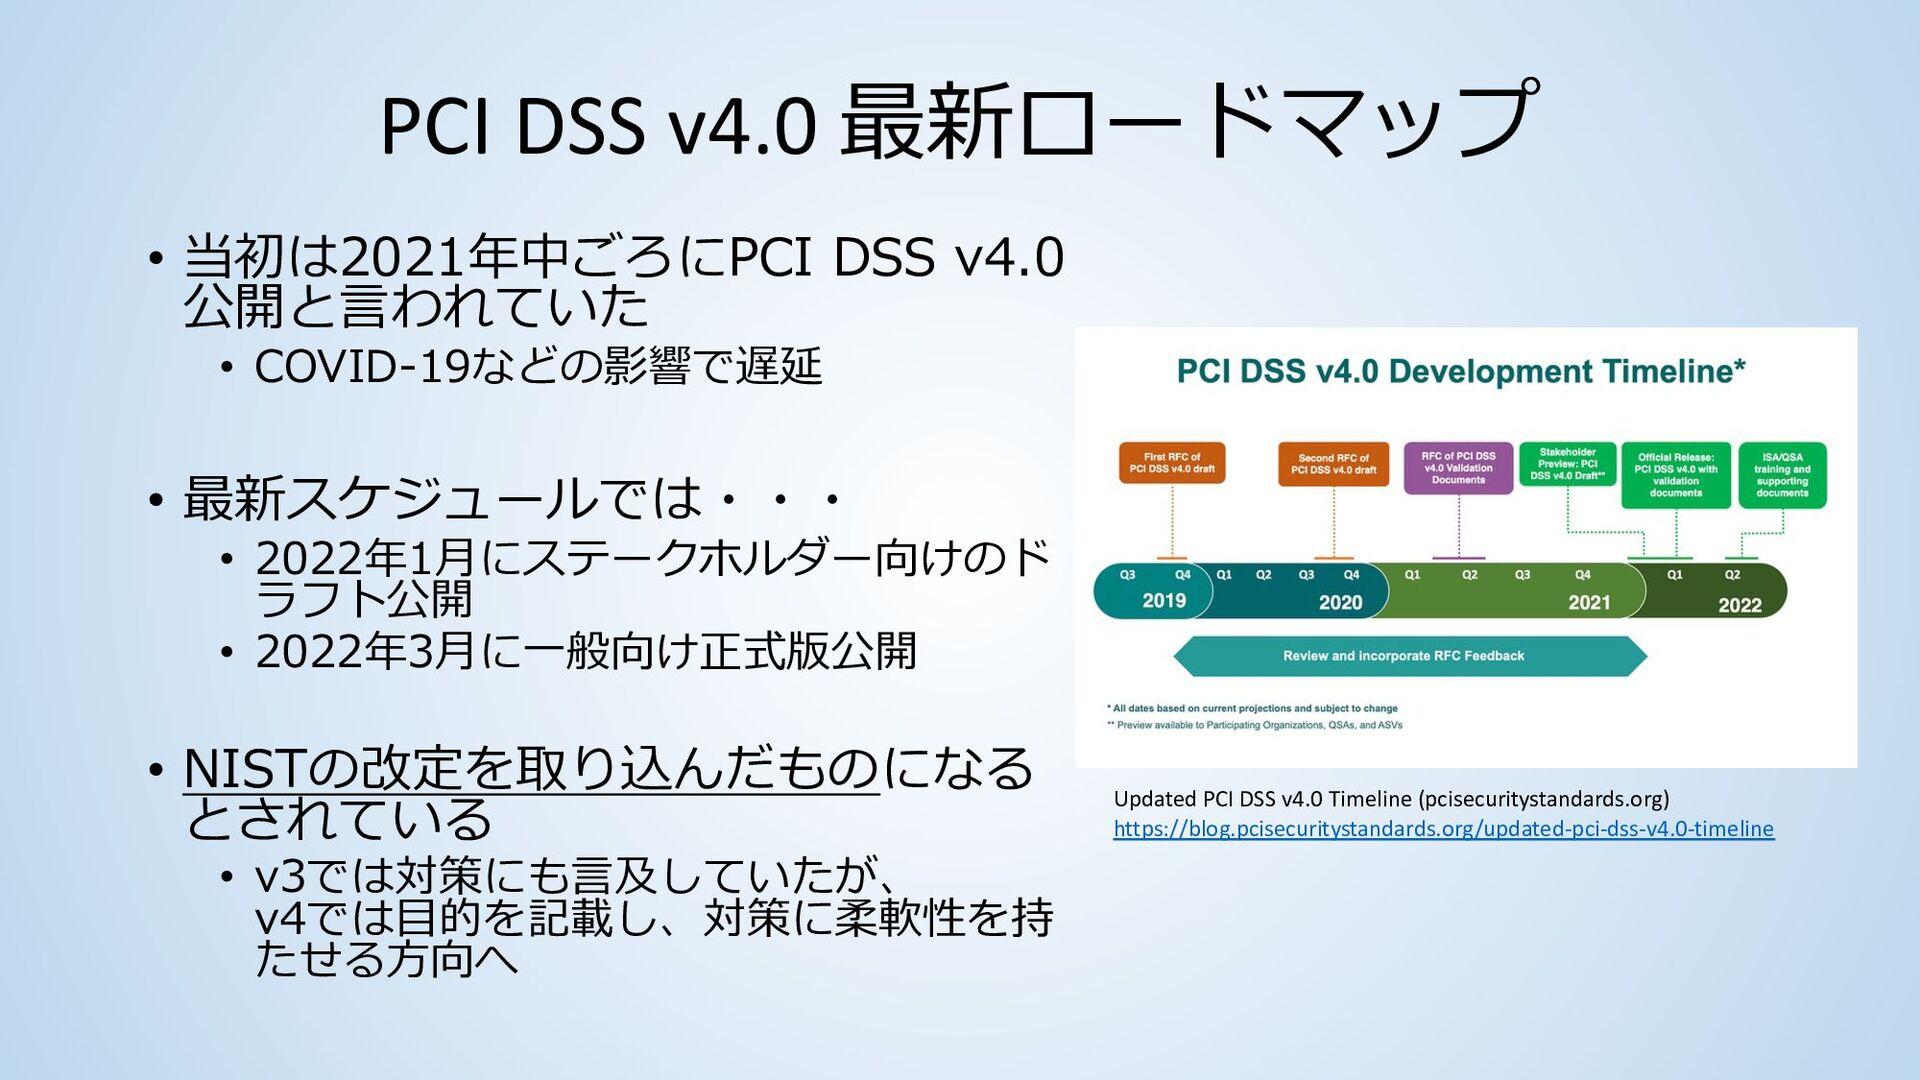 遂にクライアント/サーバOSポリシーも変更に • Windows OSにおけるPW有効期限 の...